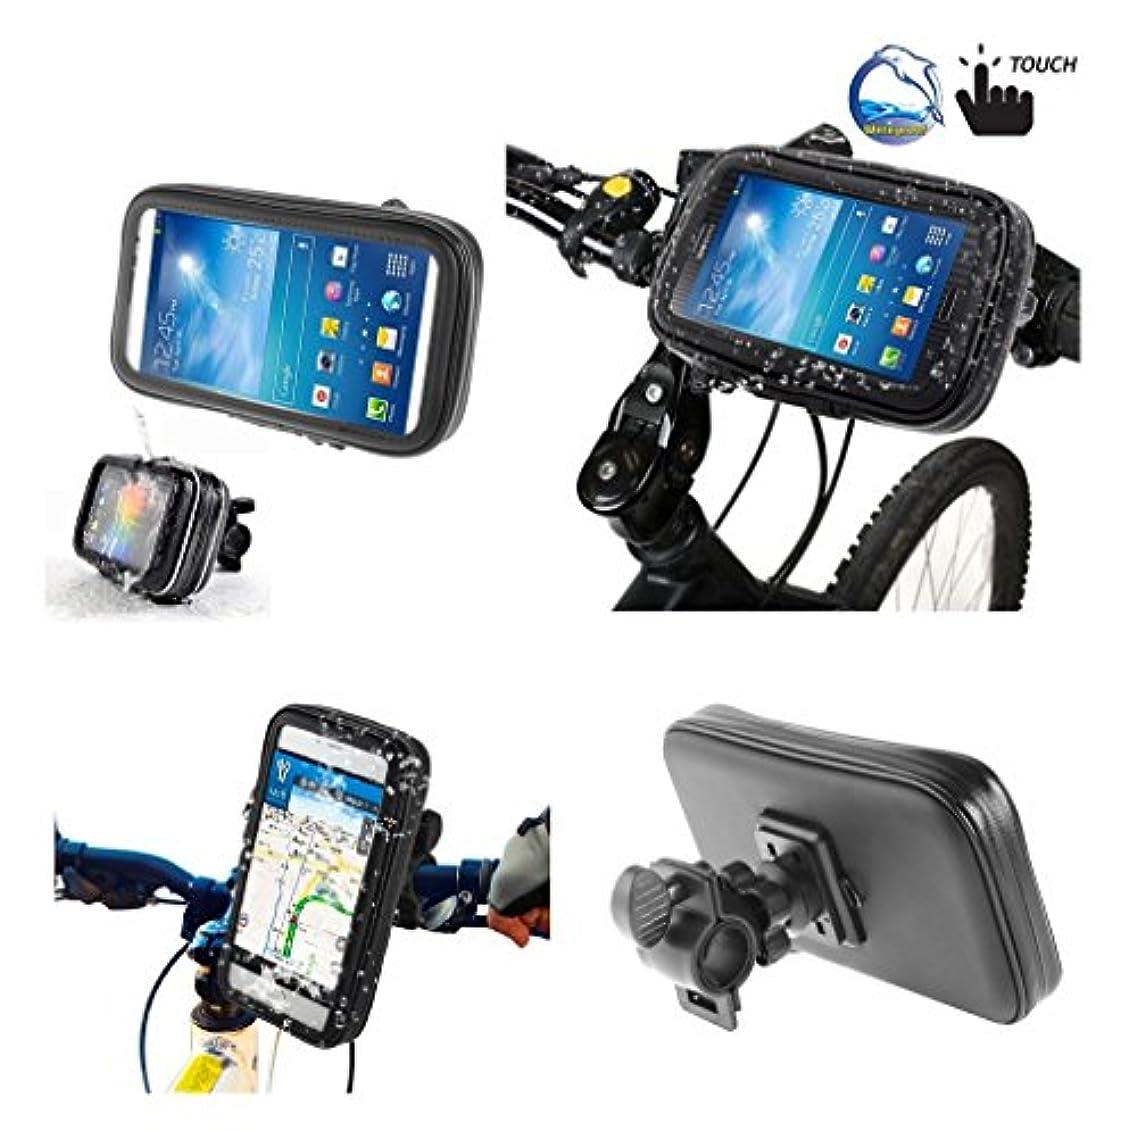 保護する人事ラジウムDFV mobile - Professional Support for Bicycle Handlebar and Rotatable Waterproof Motorcycle 360? for => PRESTIGIO MULTIPHONE 4500 DUO > Black